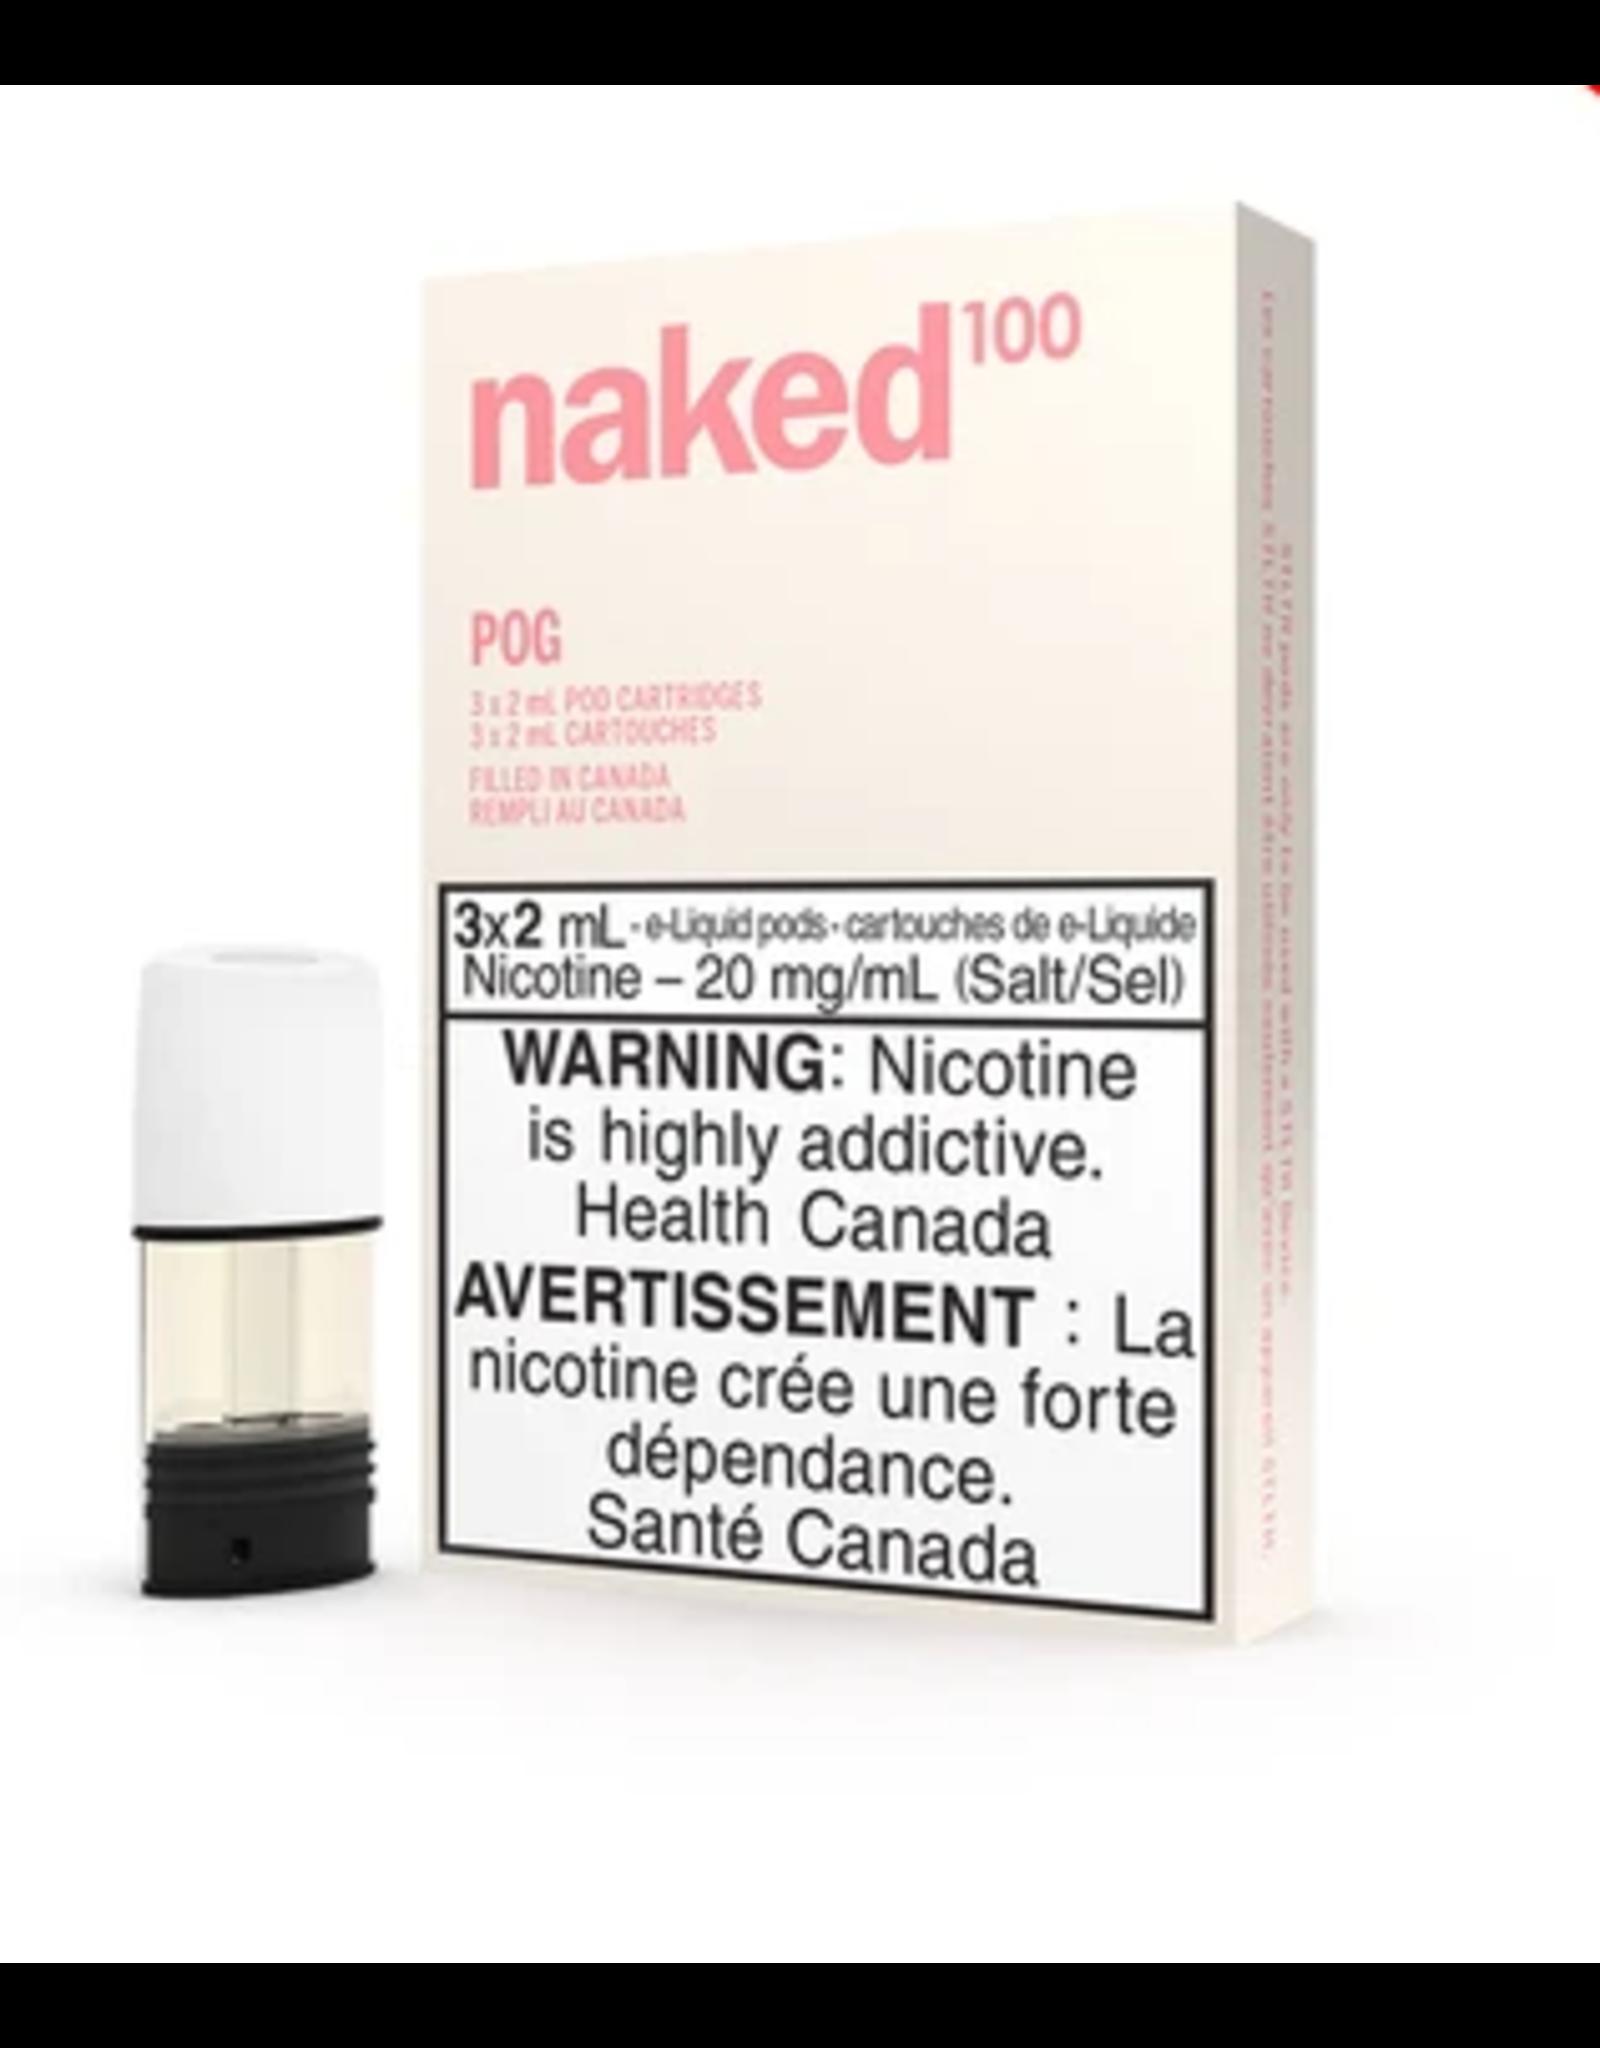 STLTH STLTH Naked100